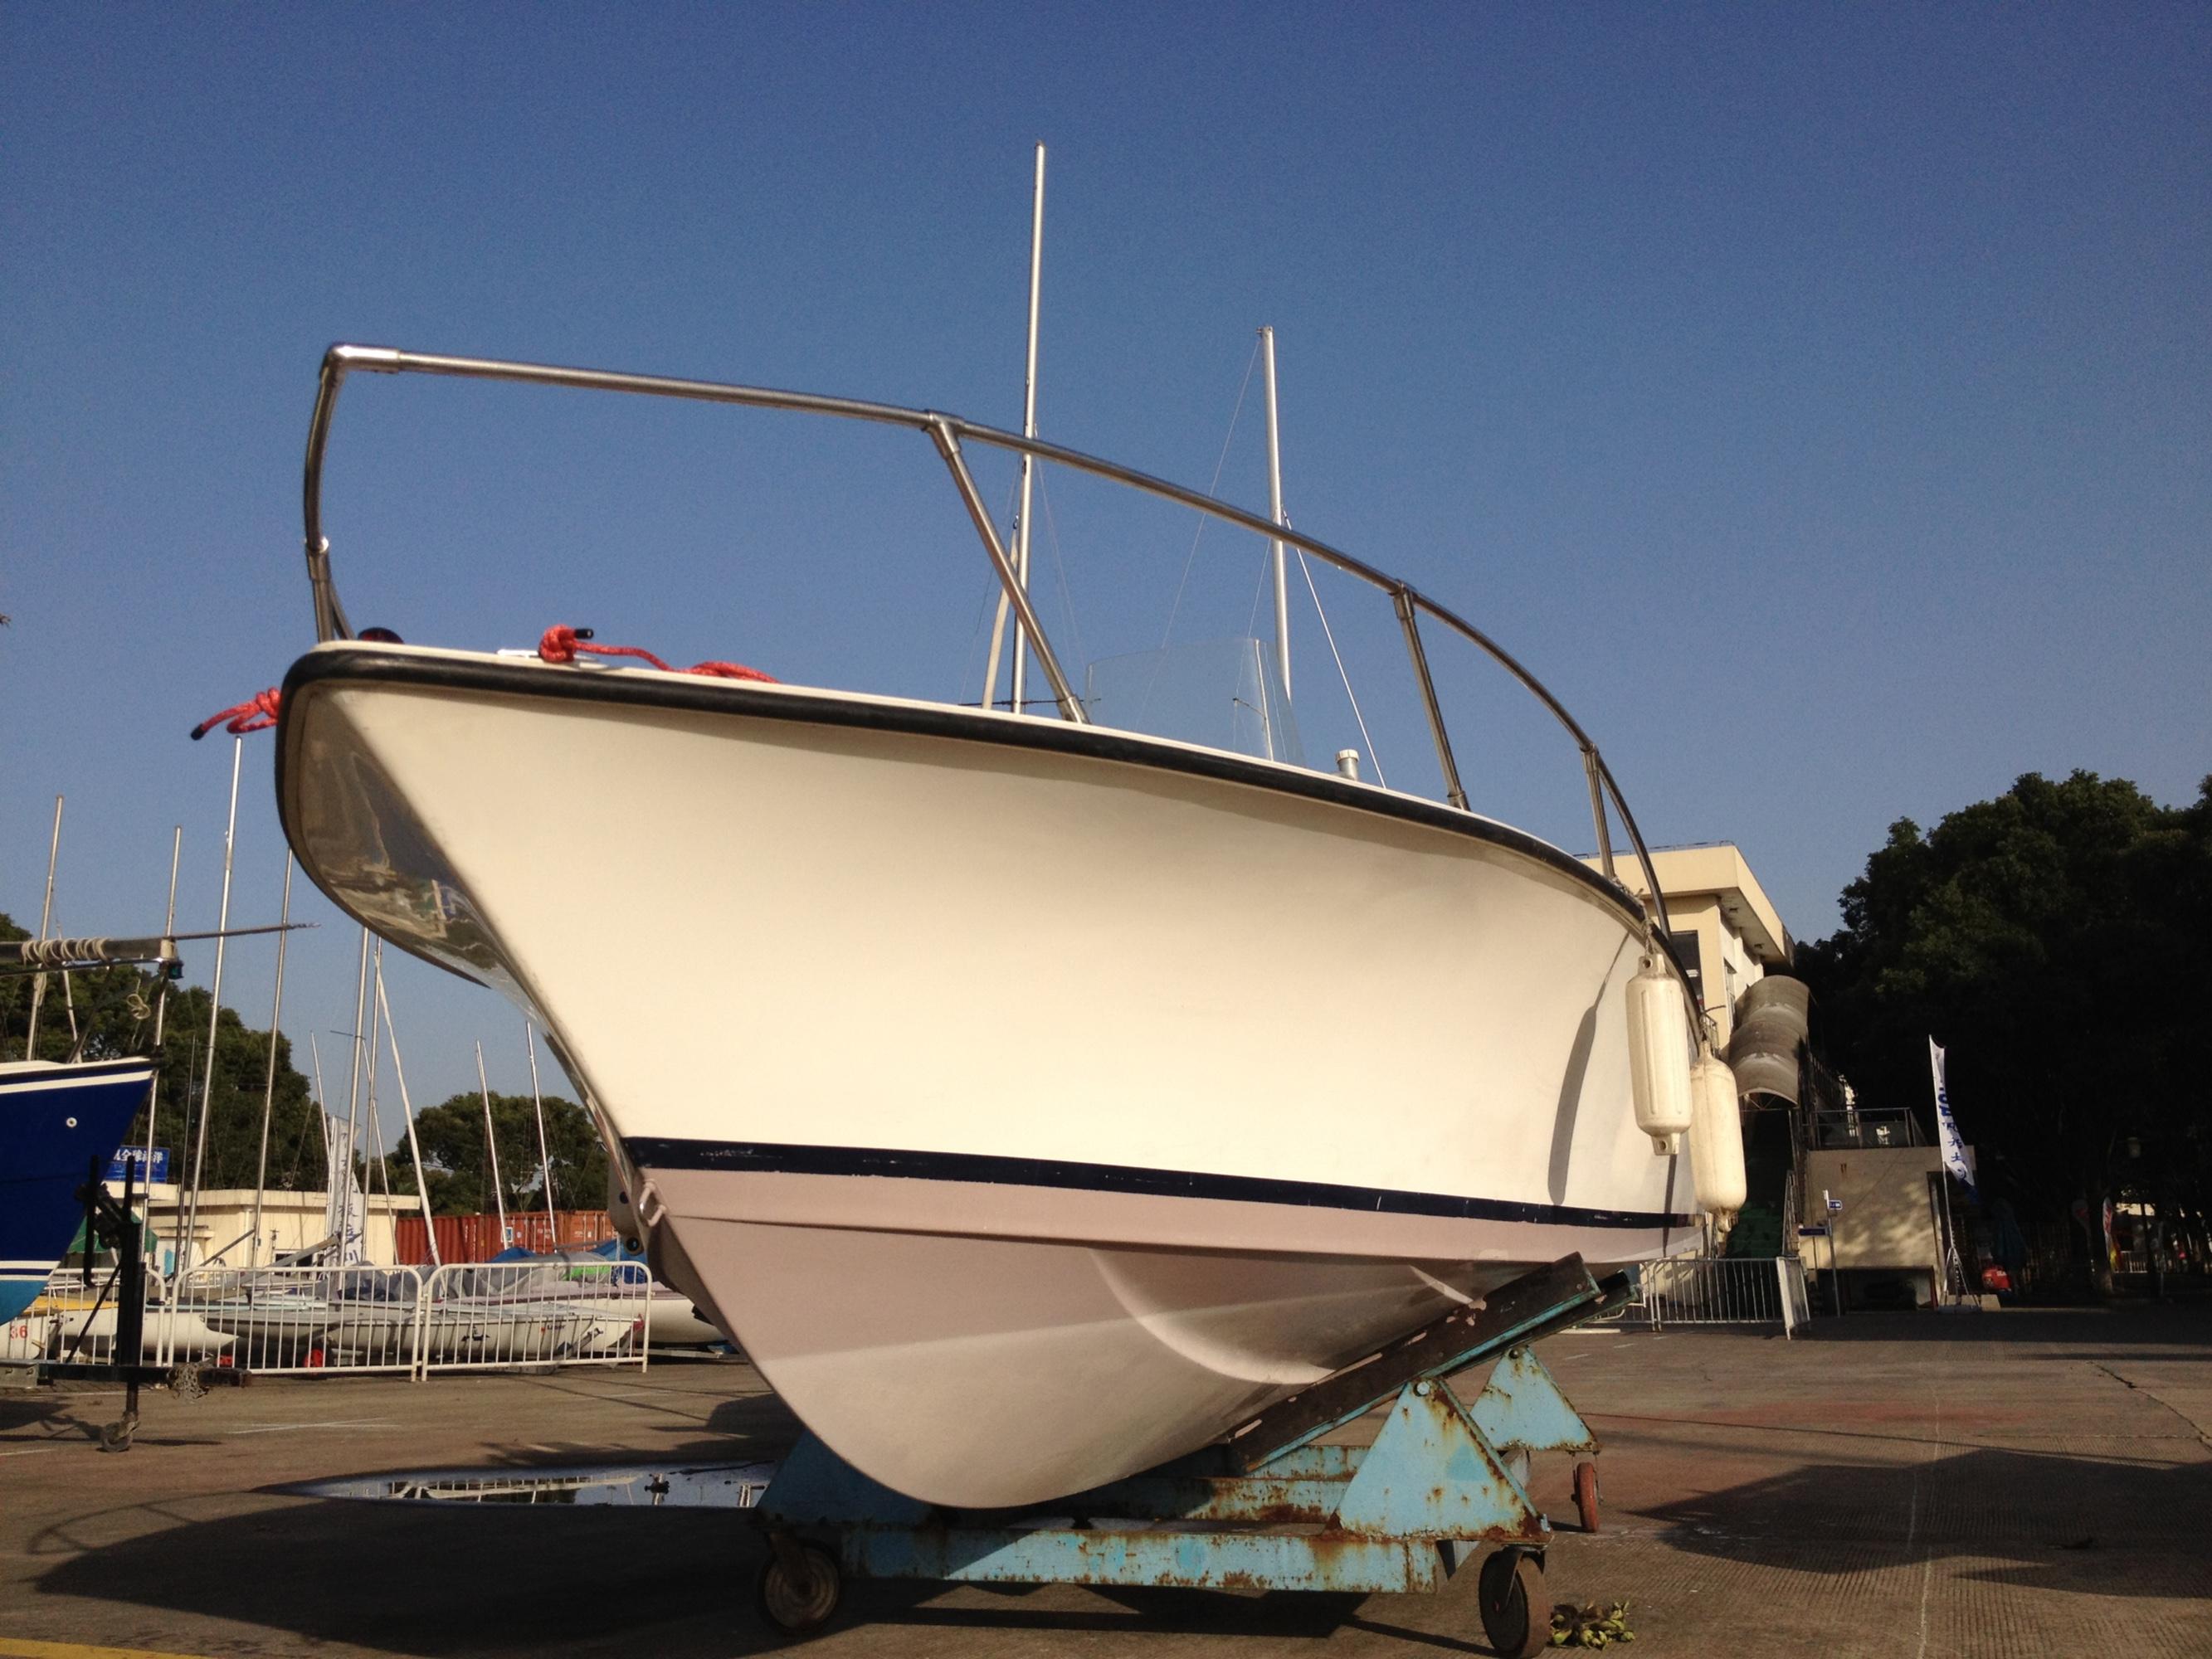 出售,置换,钓鱼,没有,在上 20尺钓鱼艇 出售或置换